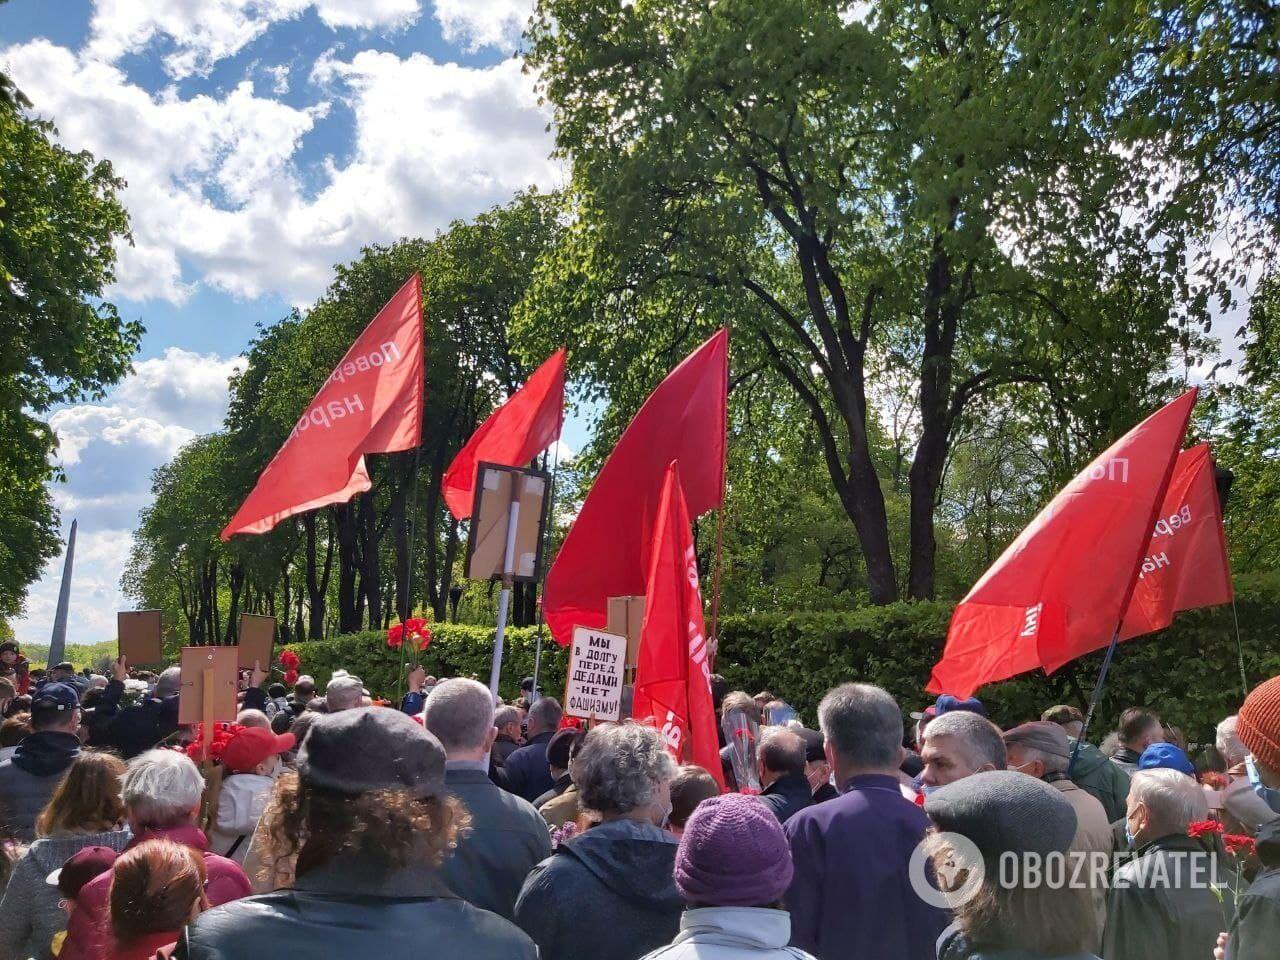 Учасники акції несли в руках червоні прапори з комуністичними закликами.